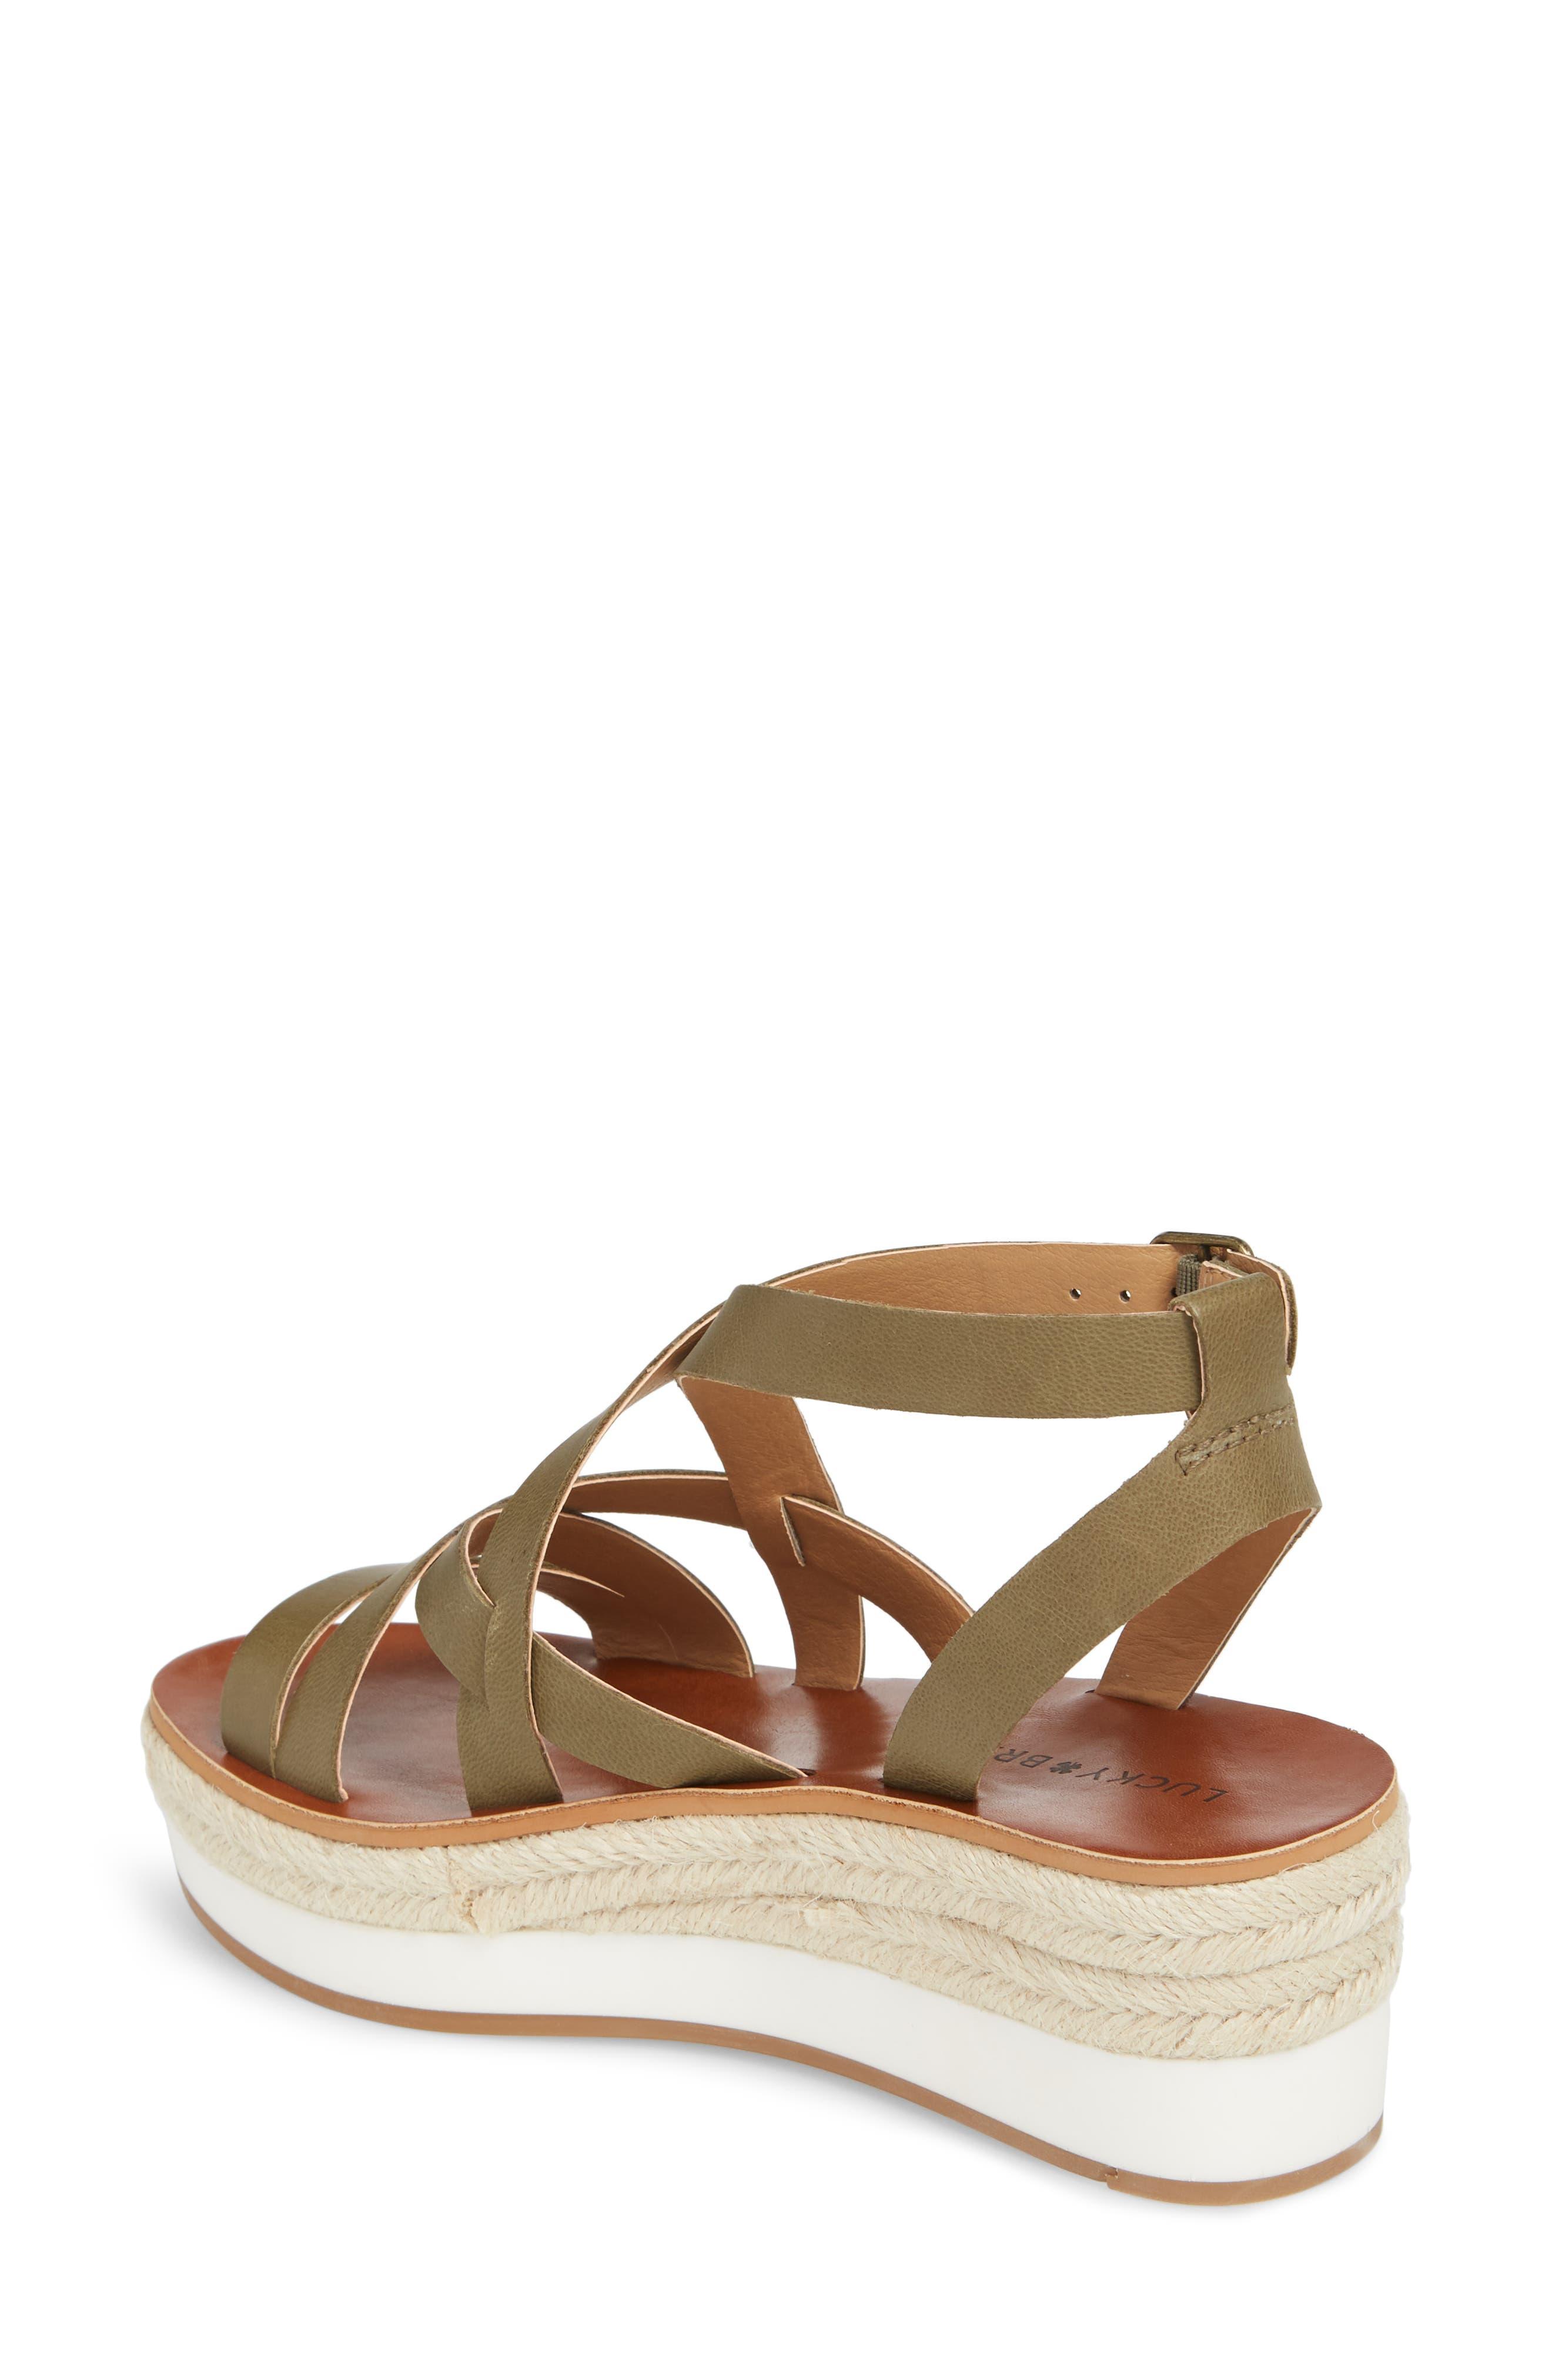 LUCKY BRAND, Jenepper Platform Wedge Sandal, Alternate thumbnail 2, color, DRAB LEATHER